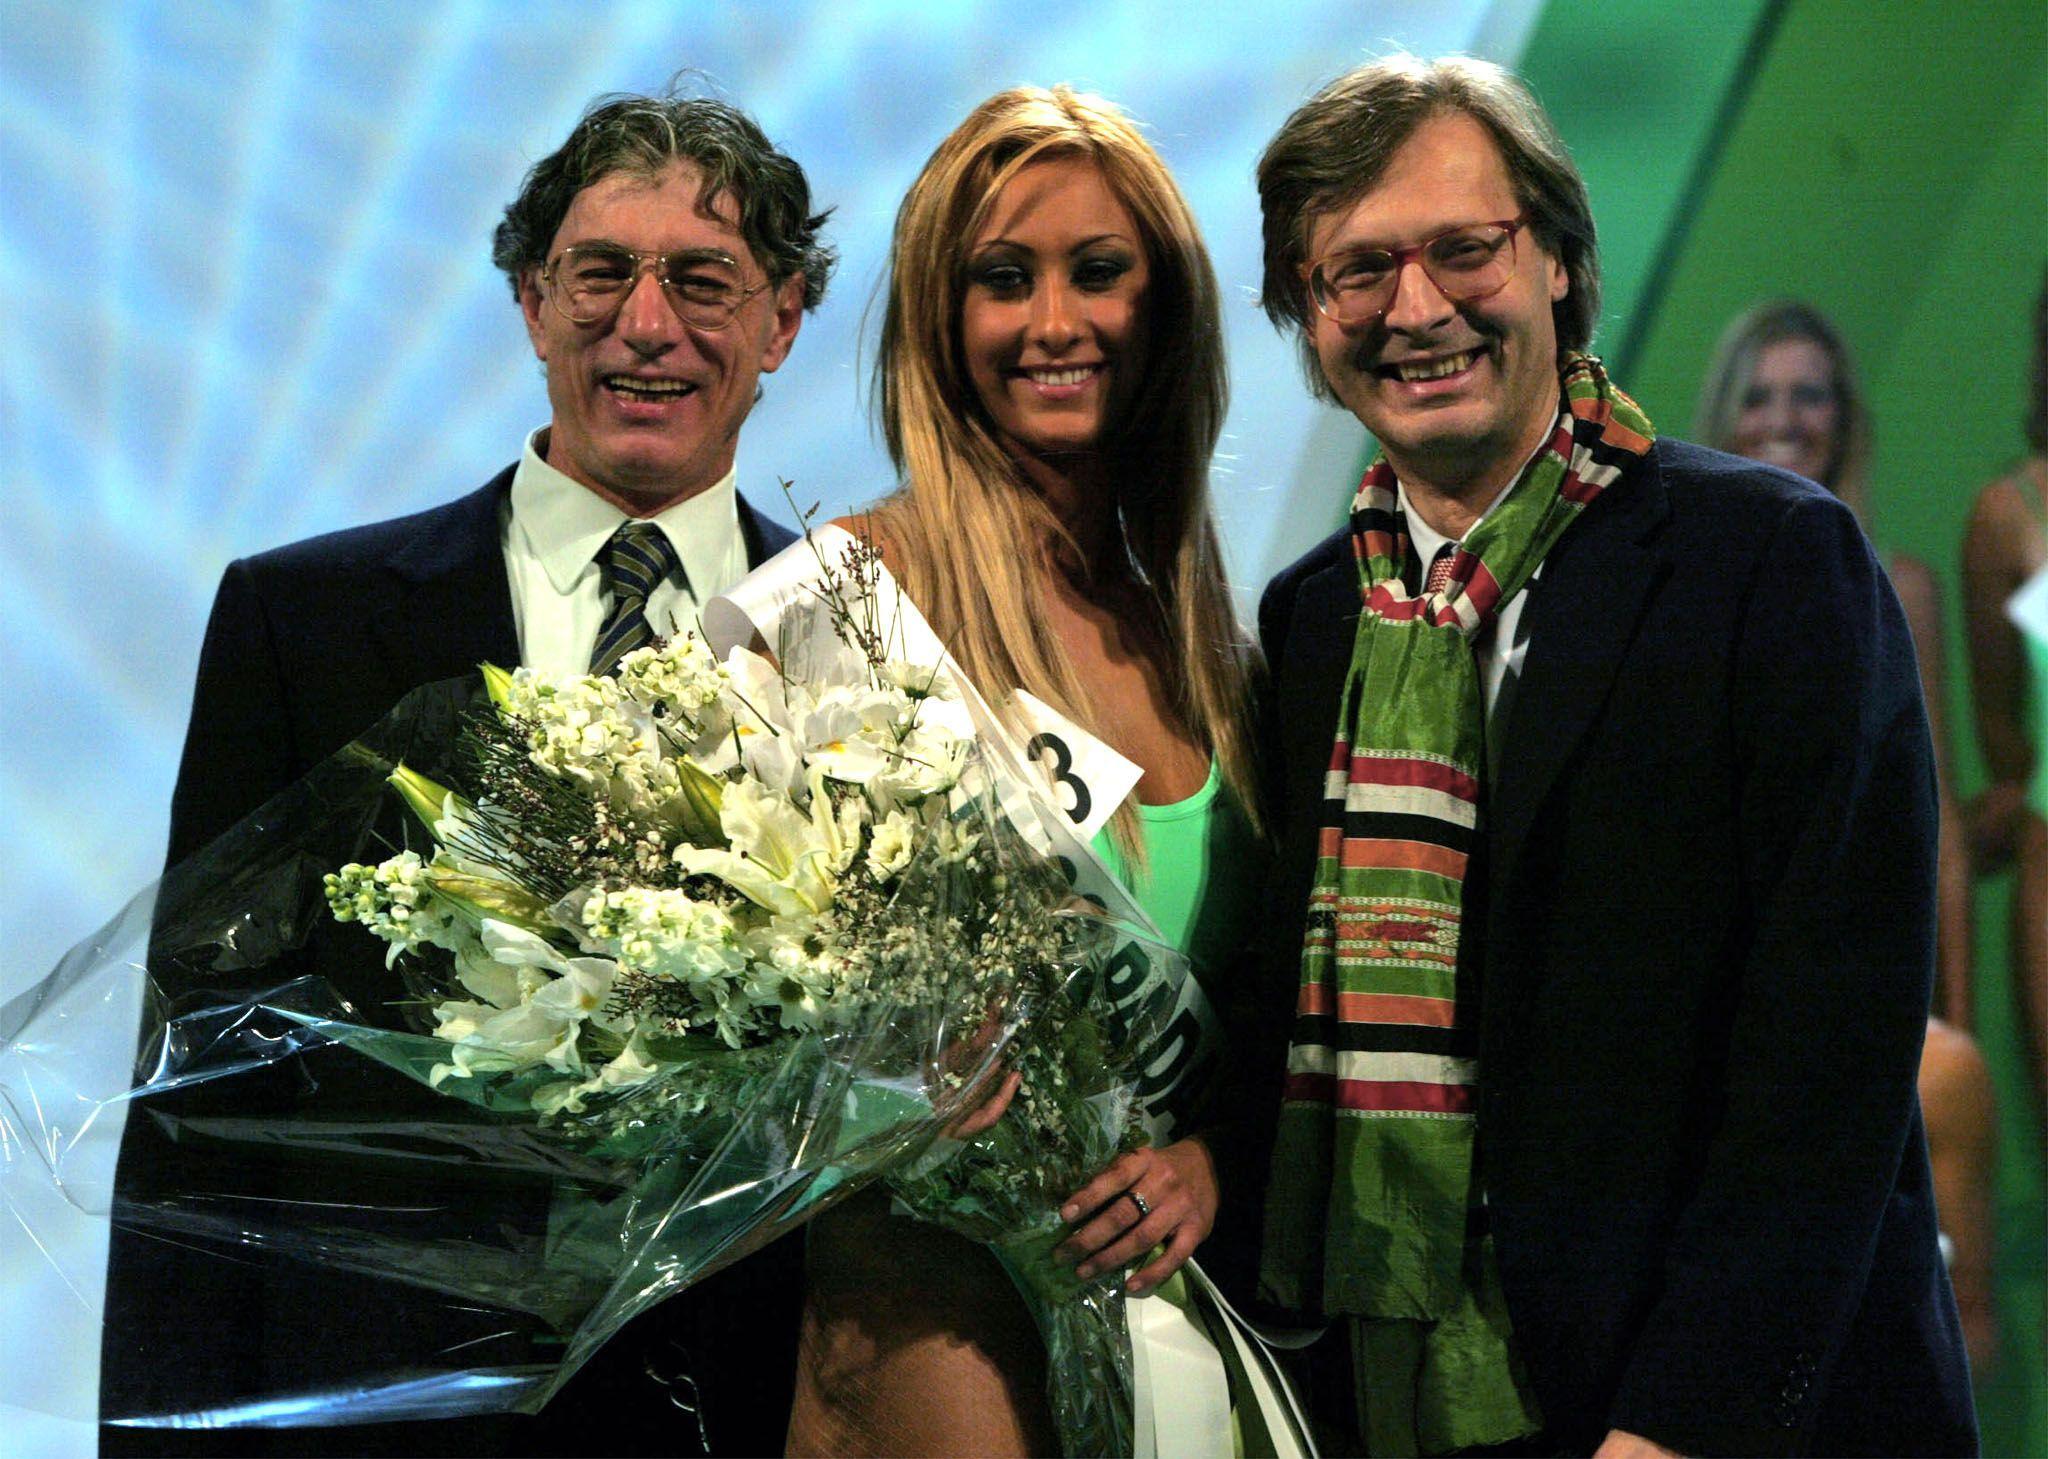 Per l'ex Miss Padania Alice Grassi disposto ospedale psichiatrico dopo l'arresto per stalking